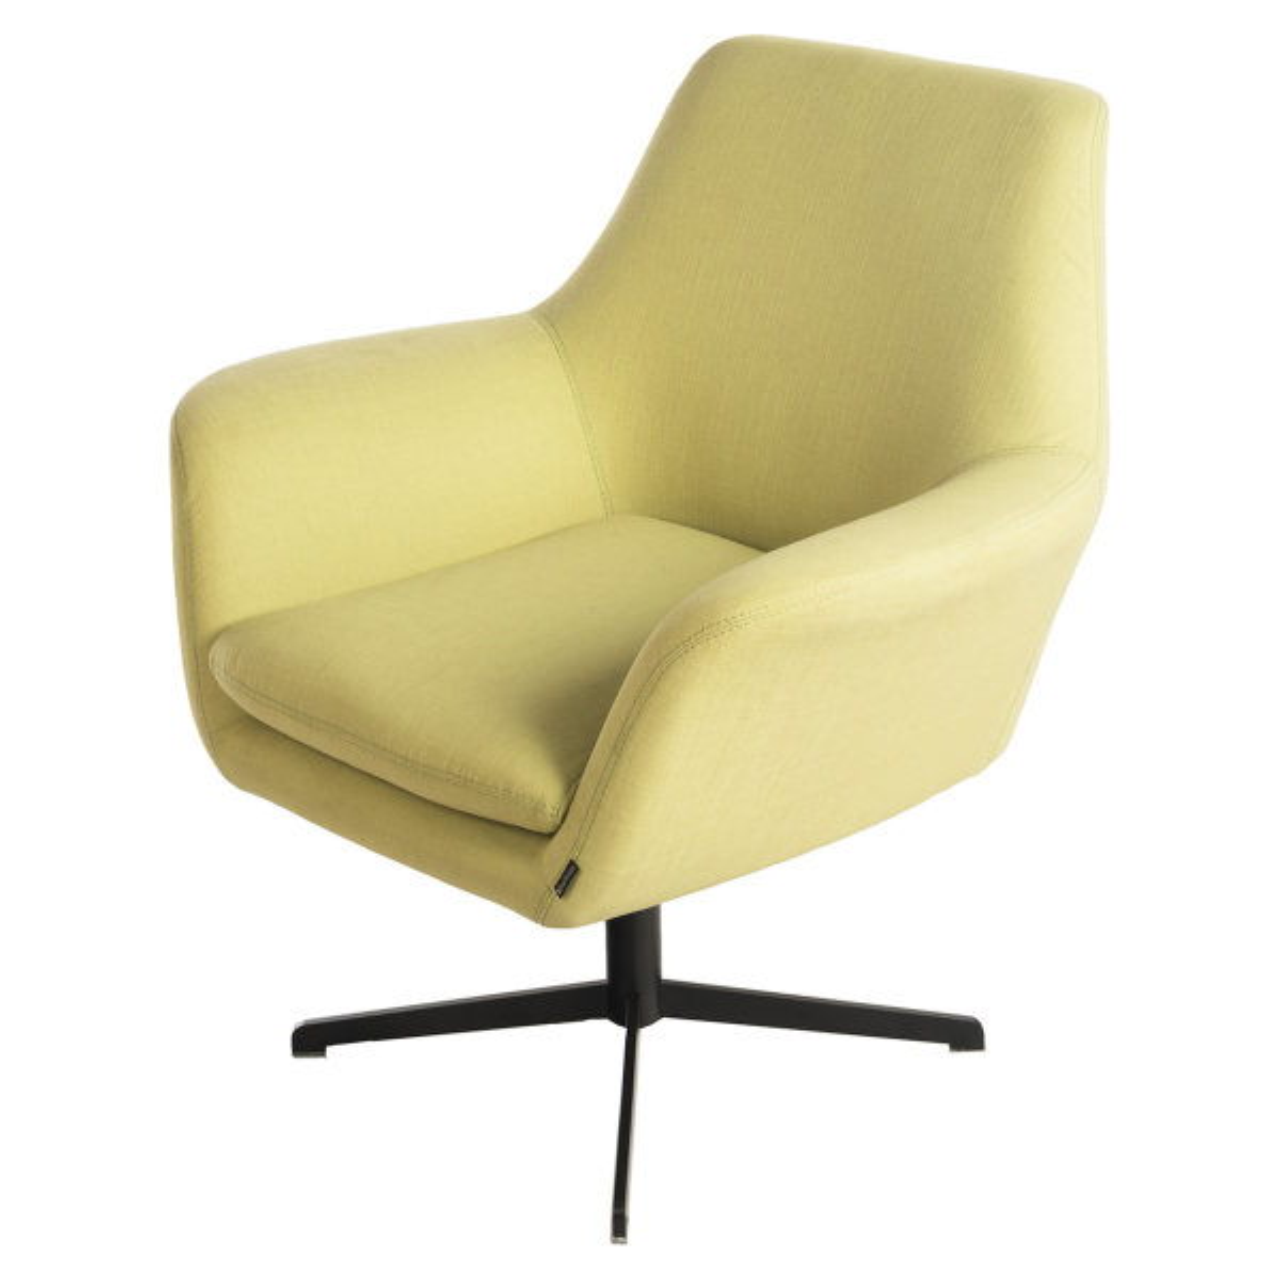 صندلی ایتال فوم مدل Turin